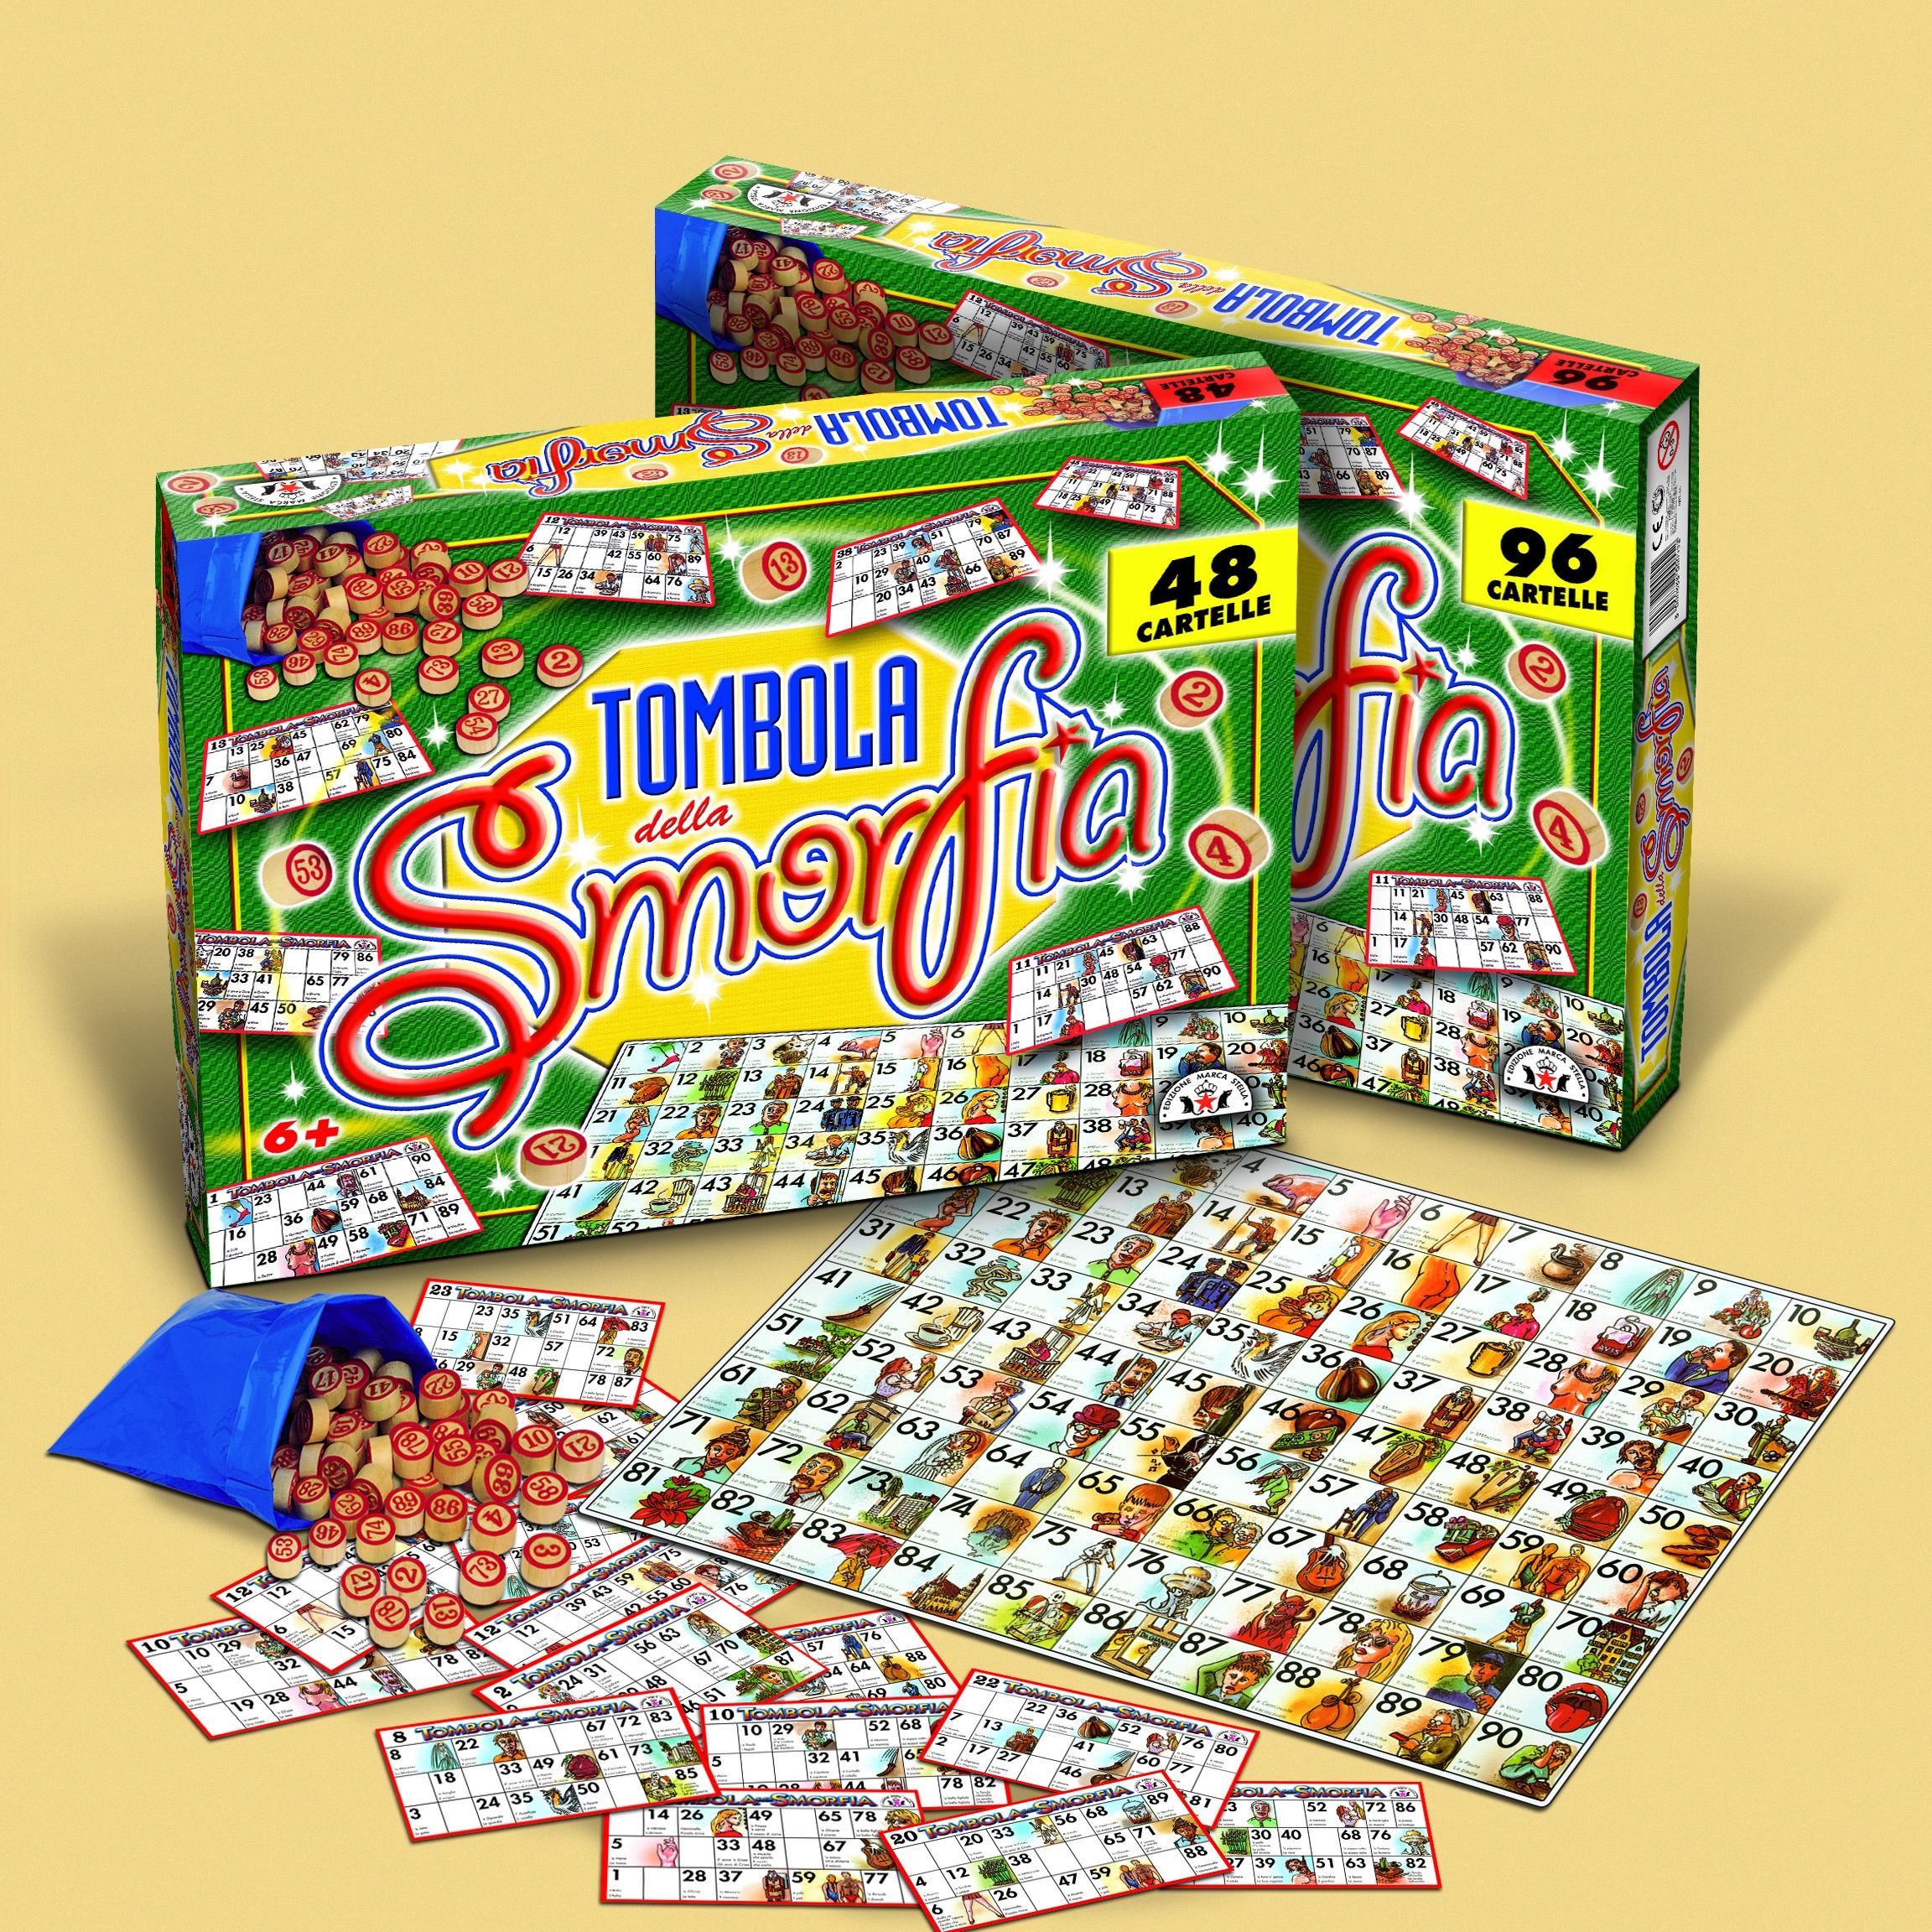 TOMBOLA DELLA SMORFIA 96C. 55 ARTI GRAFICHE RUGGERO SALA